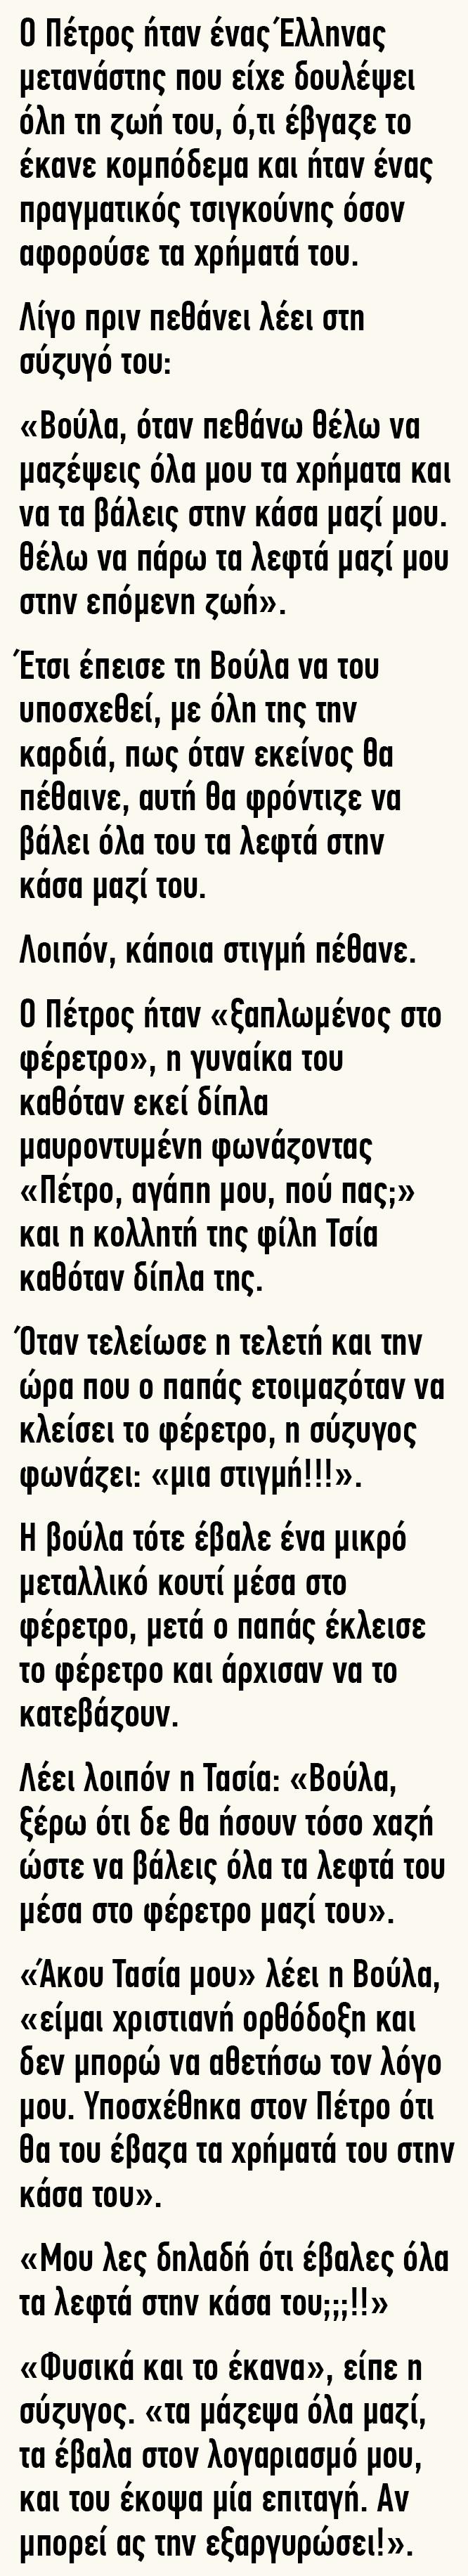 Ο Πέτρος ήταν ένας Έλληνας μετανάστης που είχε δουλέψει όλη τη ζωή του